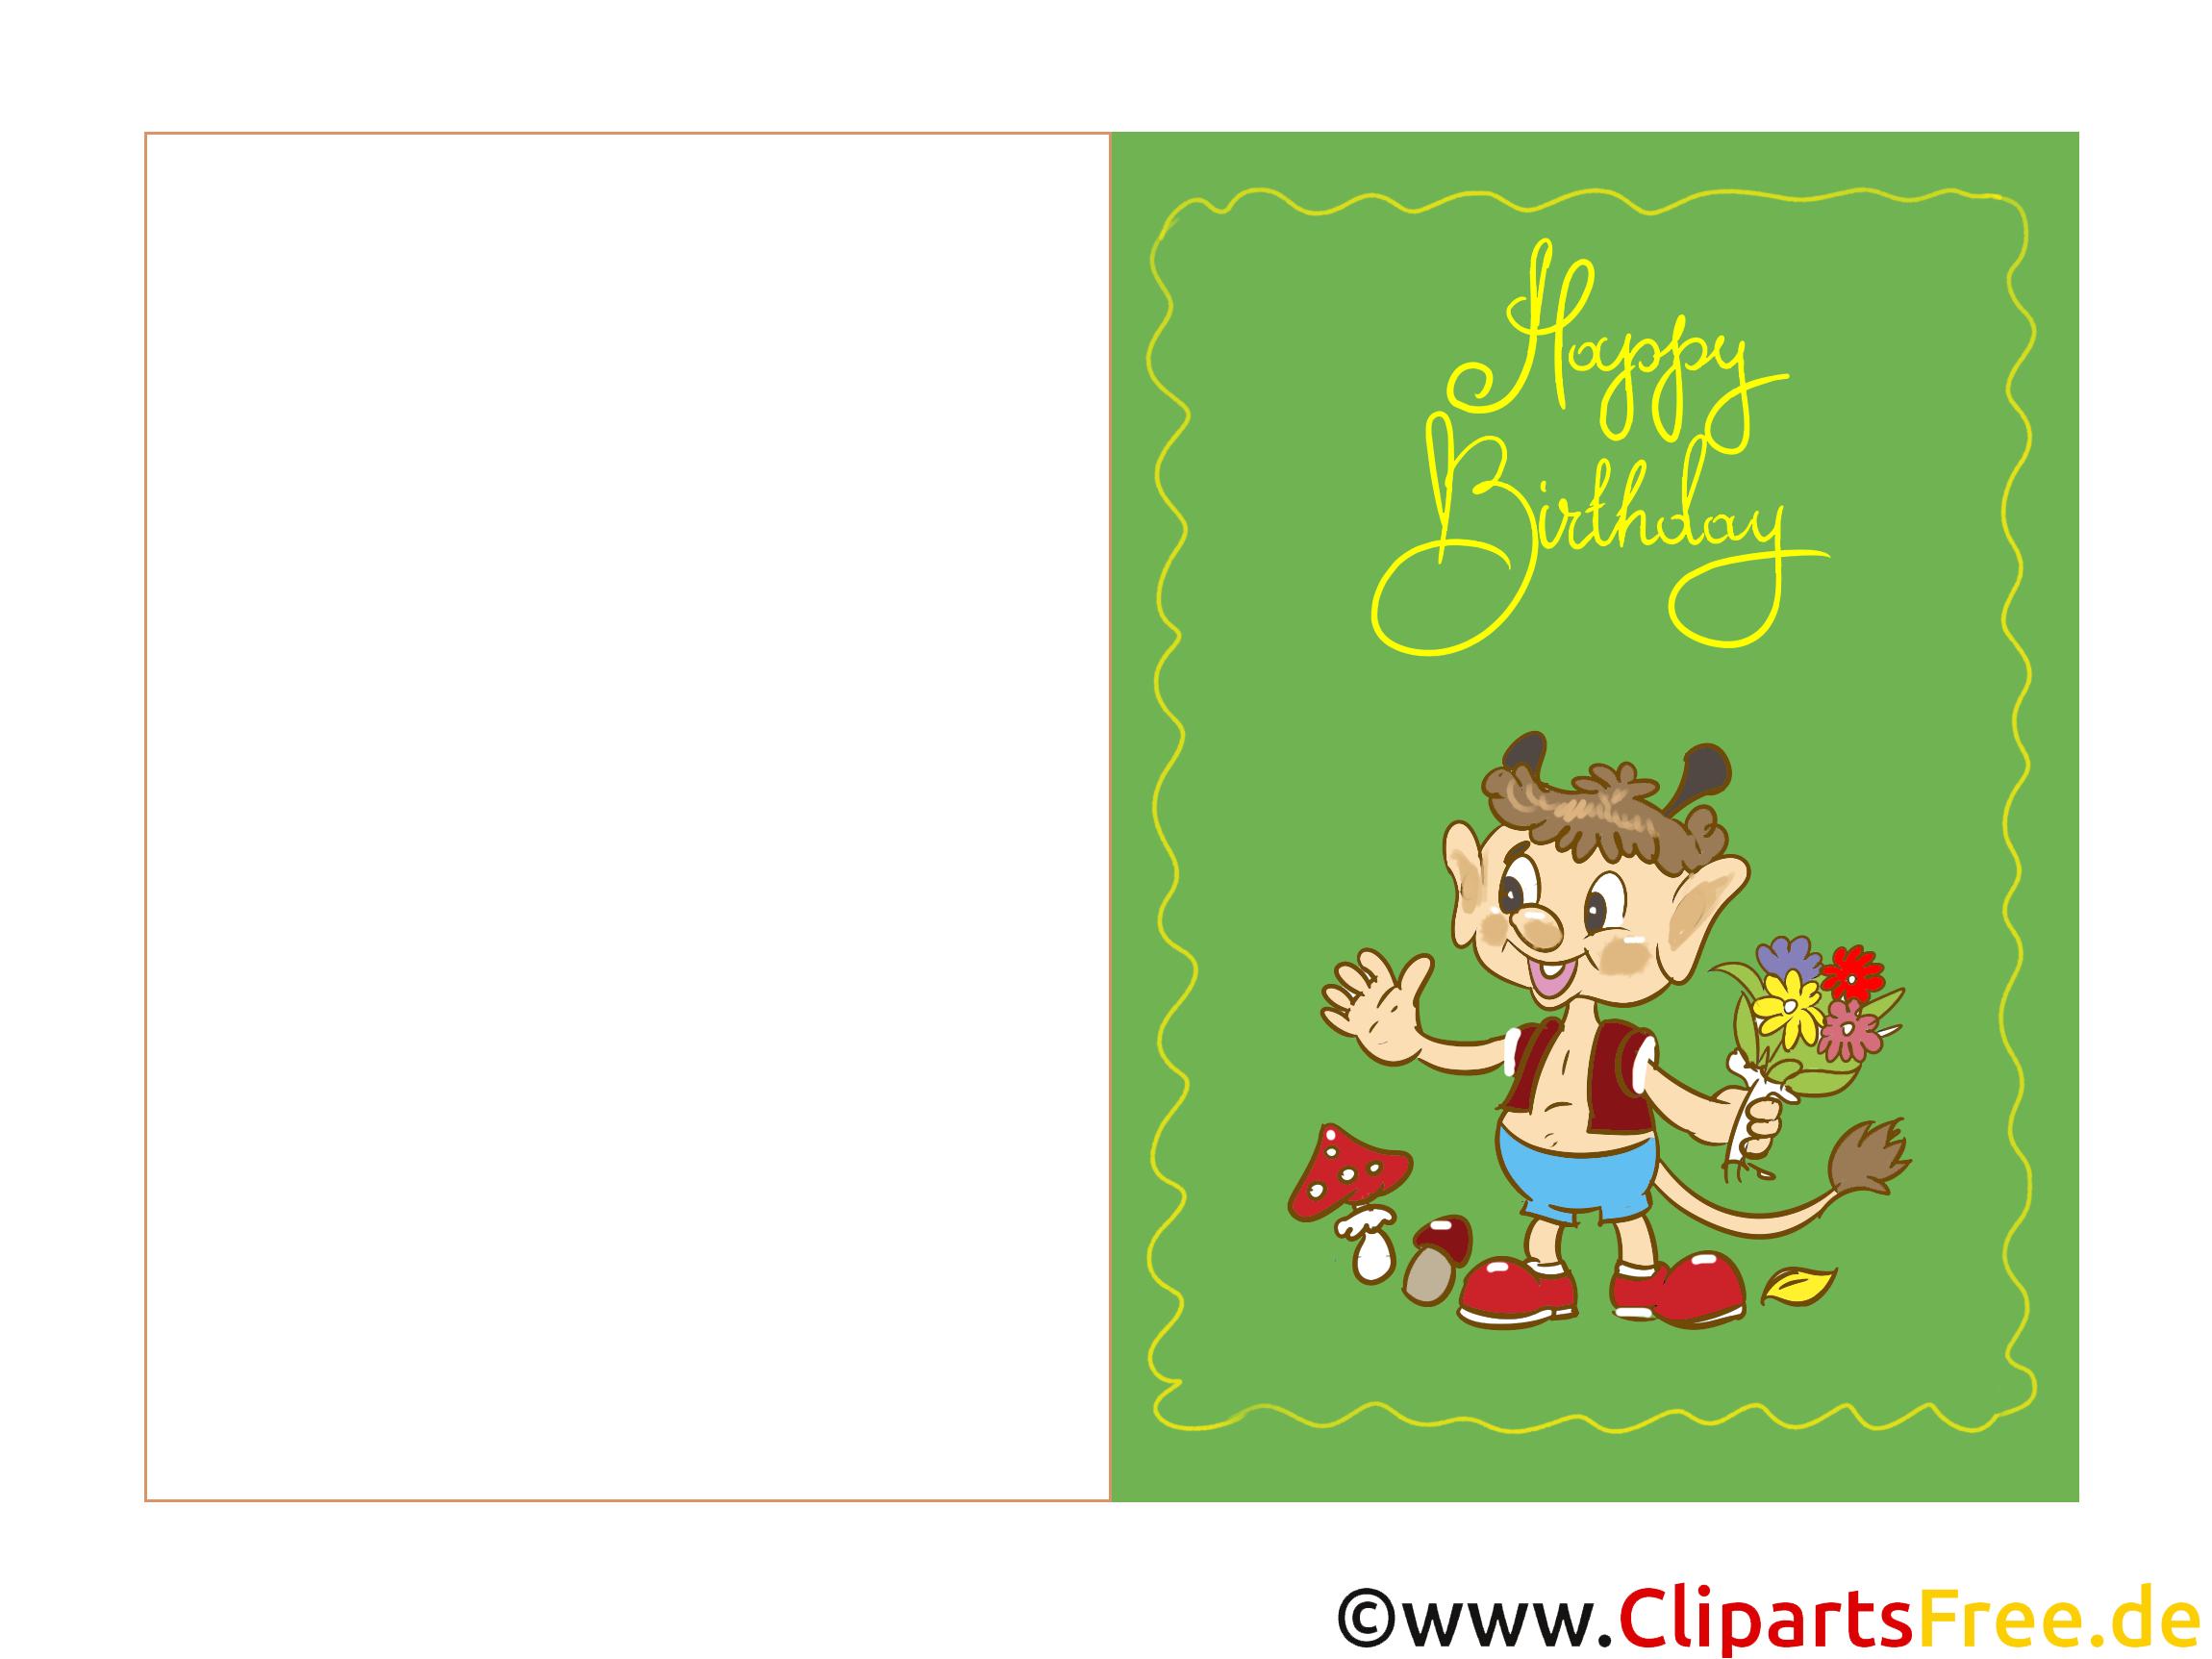 Geburtstagskarte email kostenlos